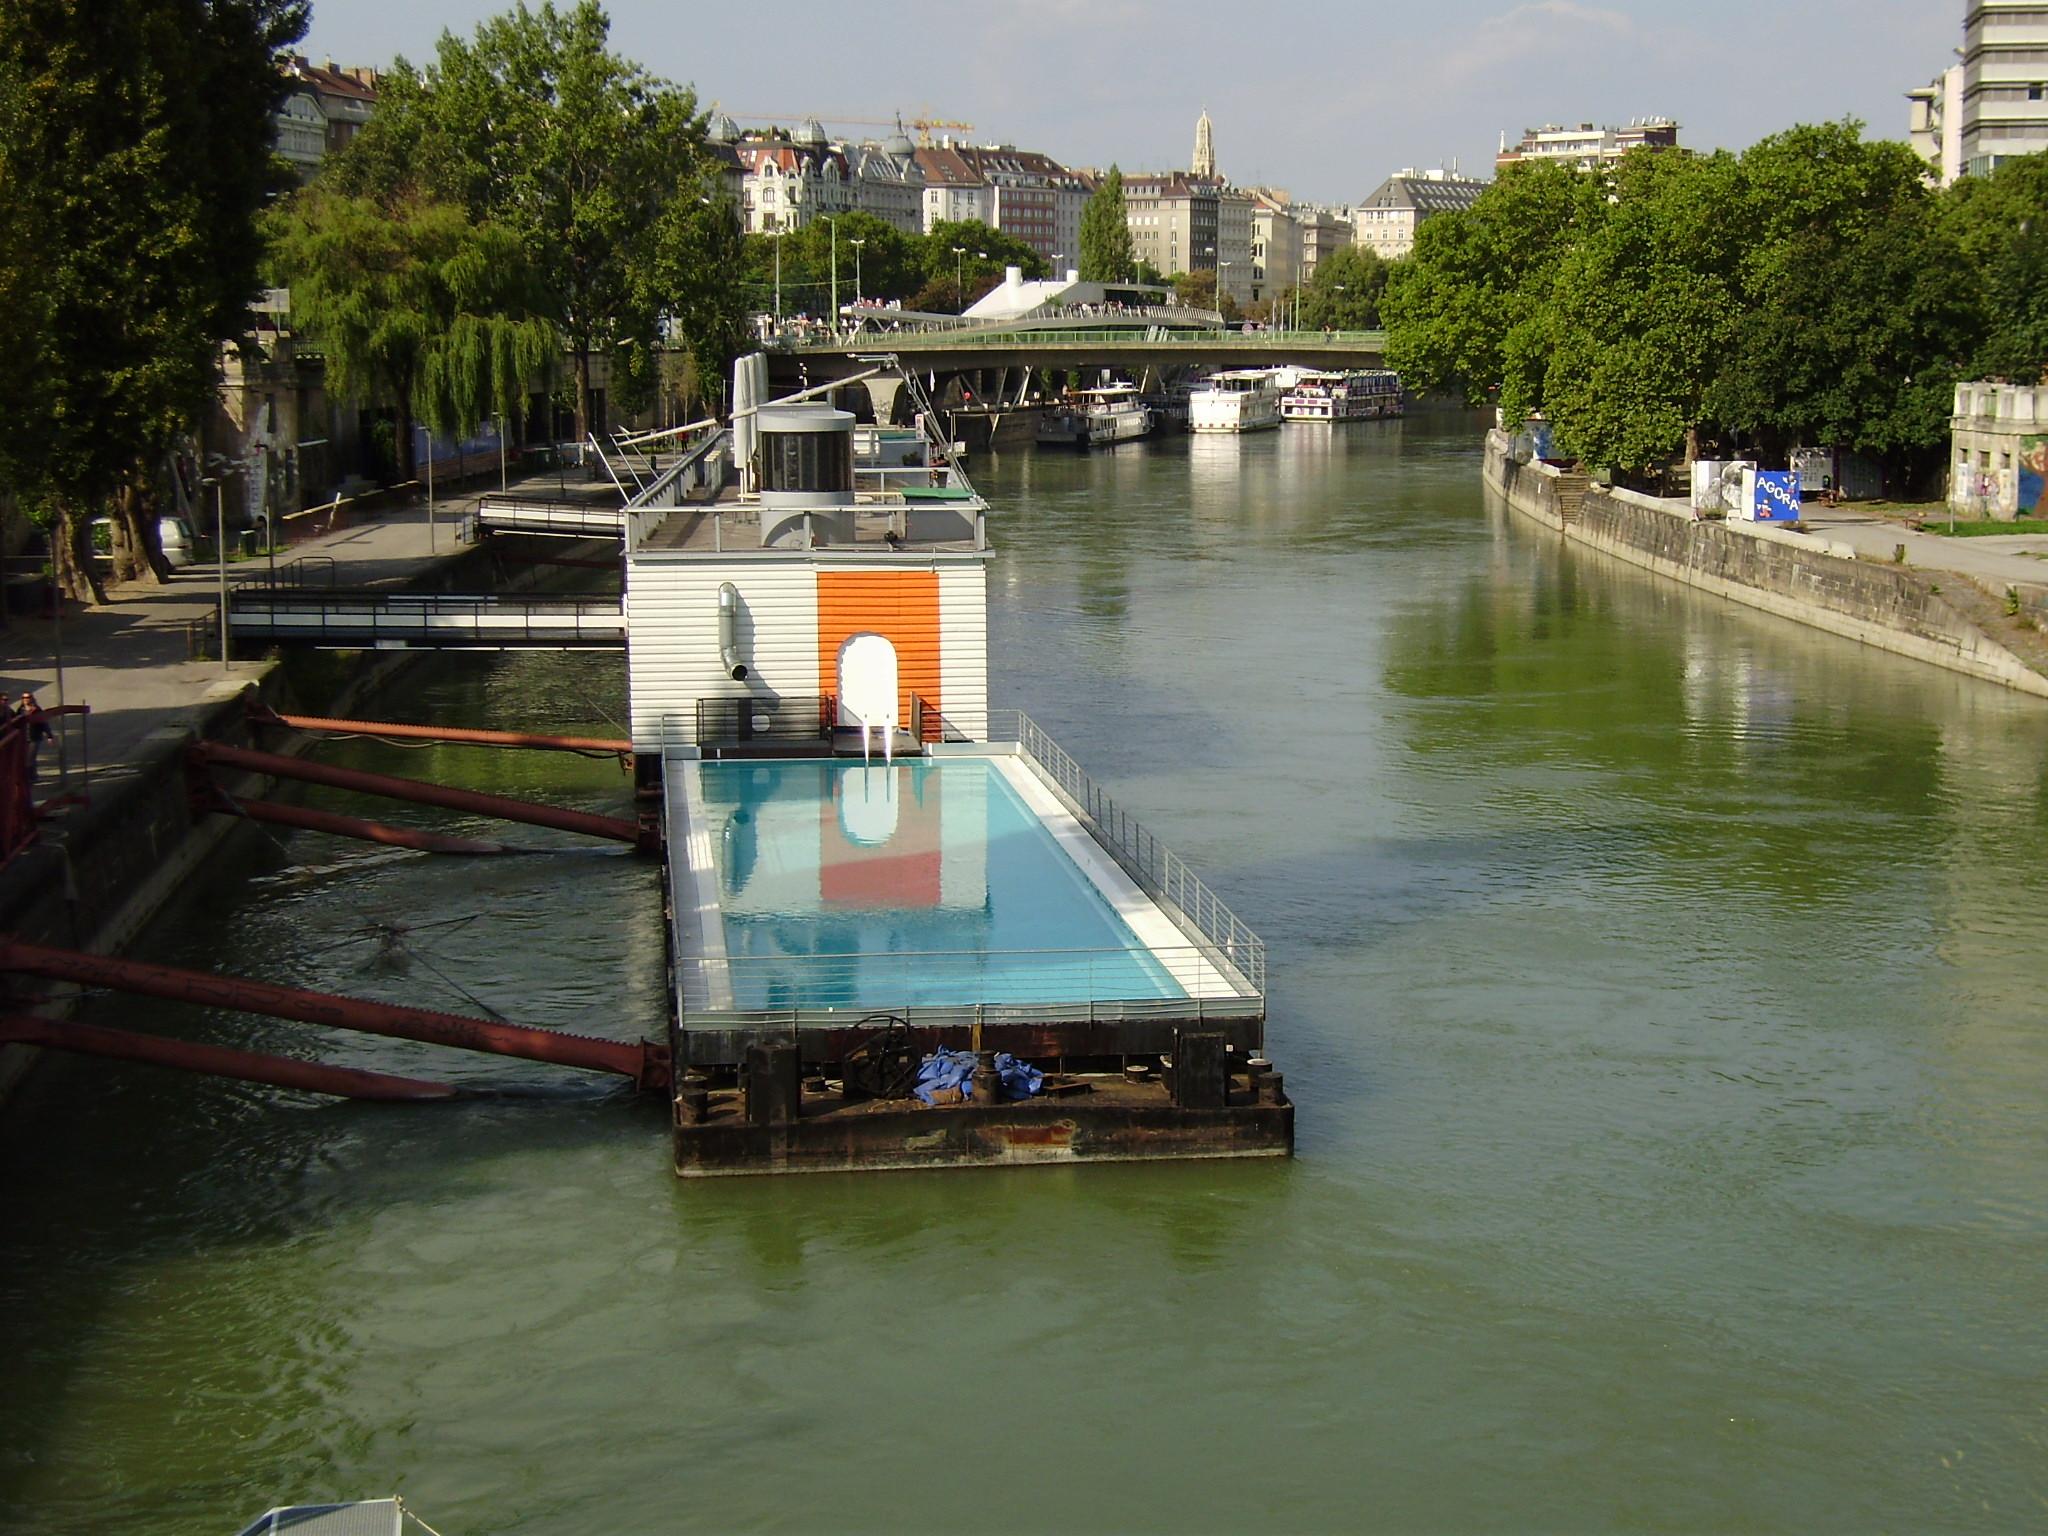 Piscina en el canal del danubio en viena fotos de otras for Piscina de canal